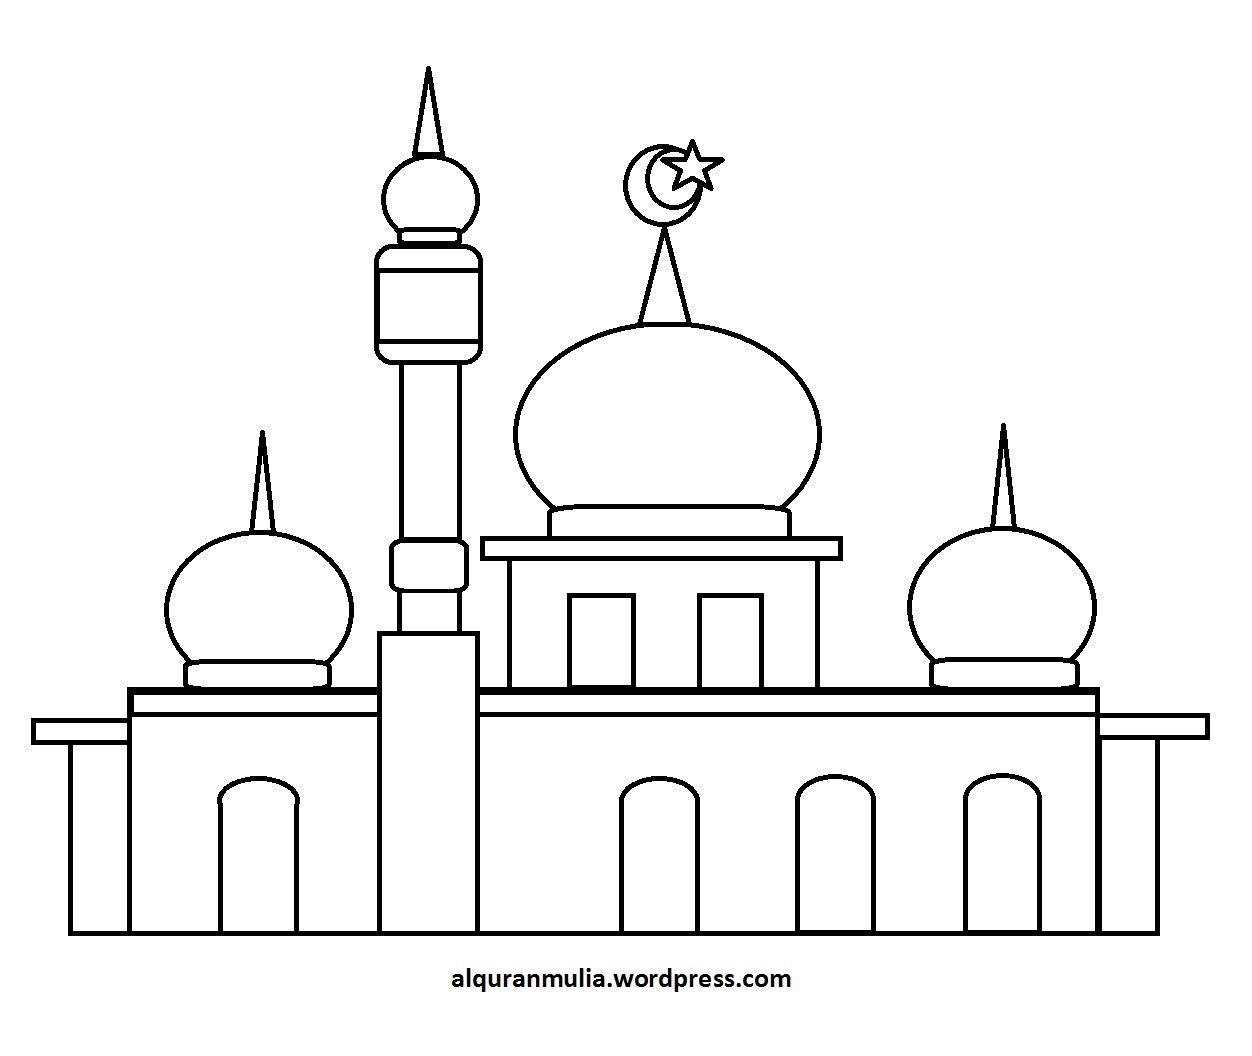 Mewarnai Gambar Masjid 33 Anak Muslim Alquranmulia Sketch Coloring Page